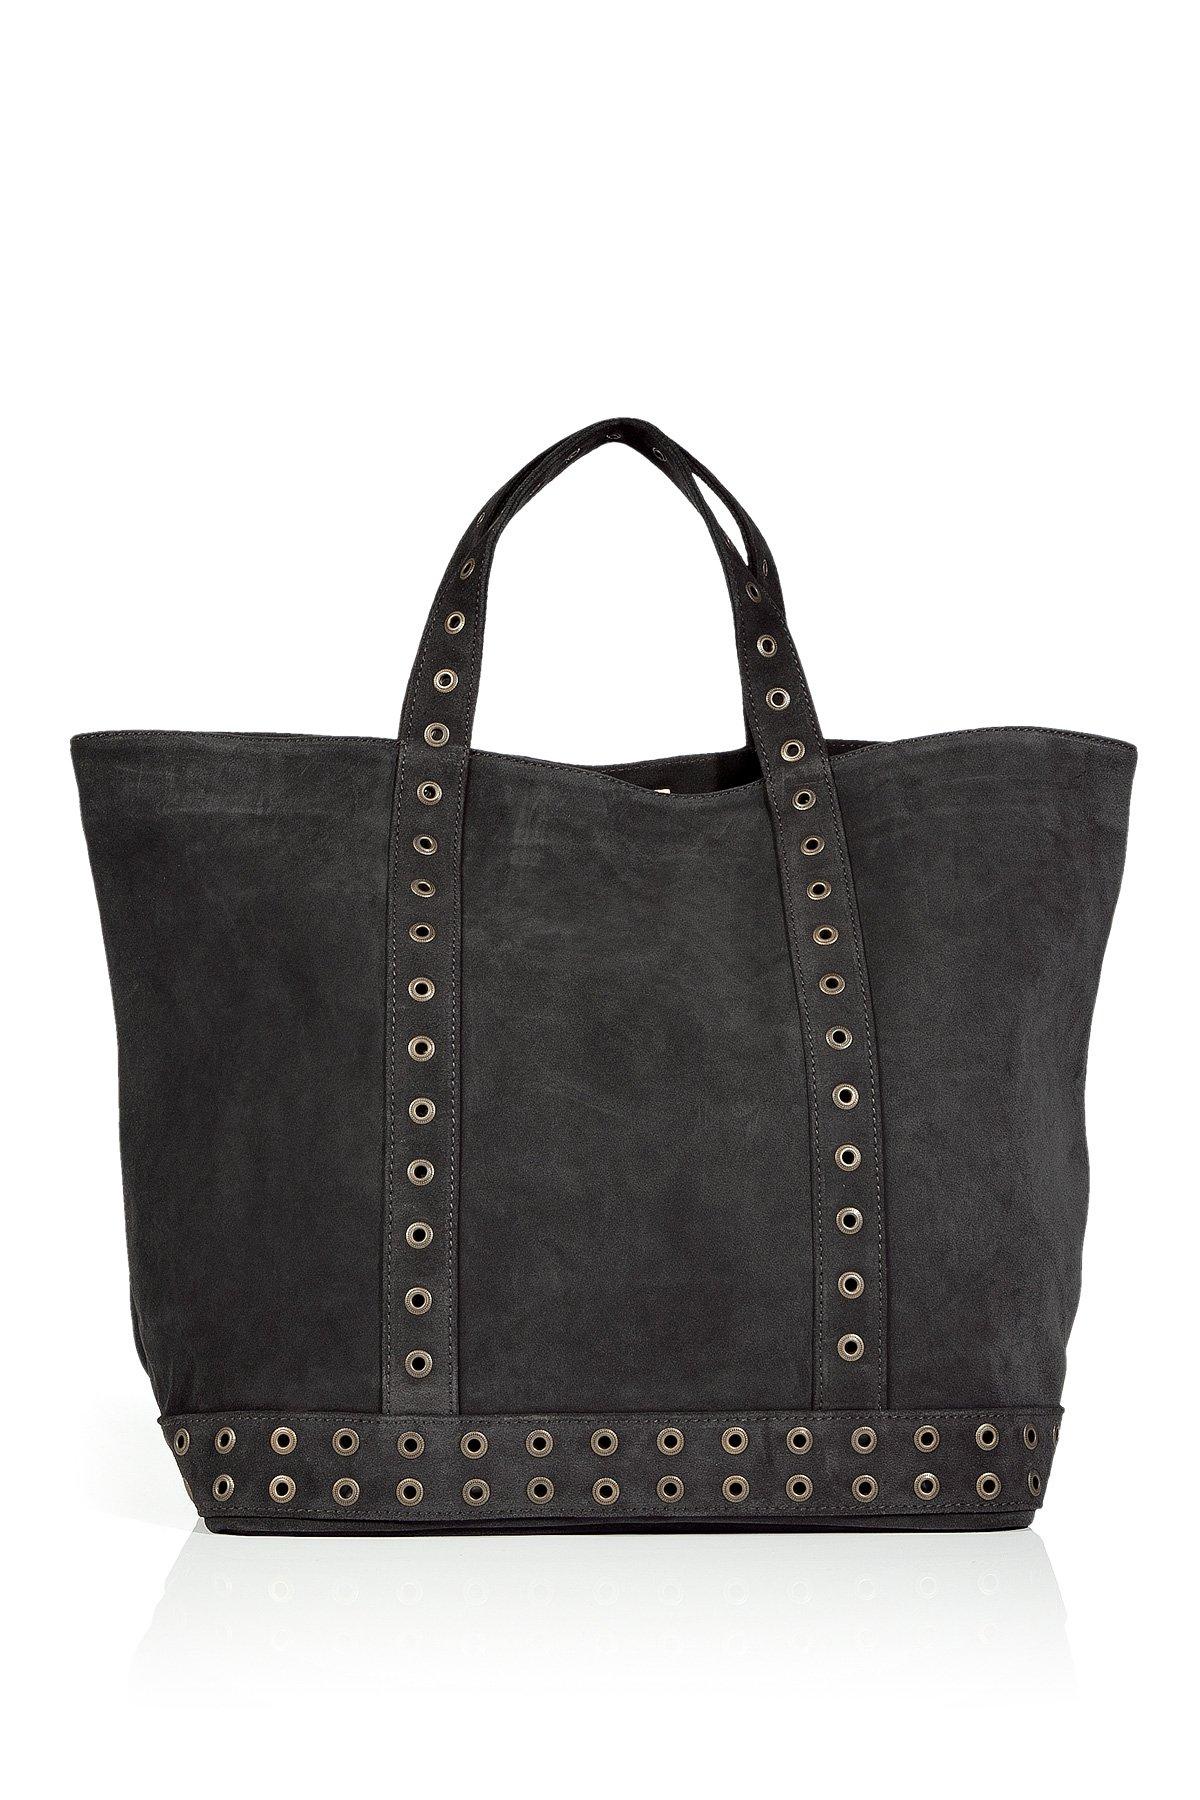 vanessa bruno zinc studded suede big cabas bag in black lyst. Black Bedroom Furniture Sets. Home Design Ideas